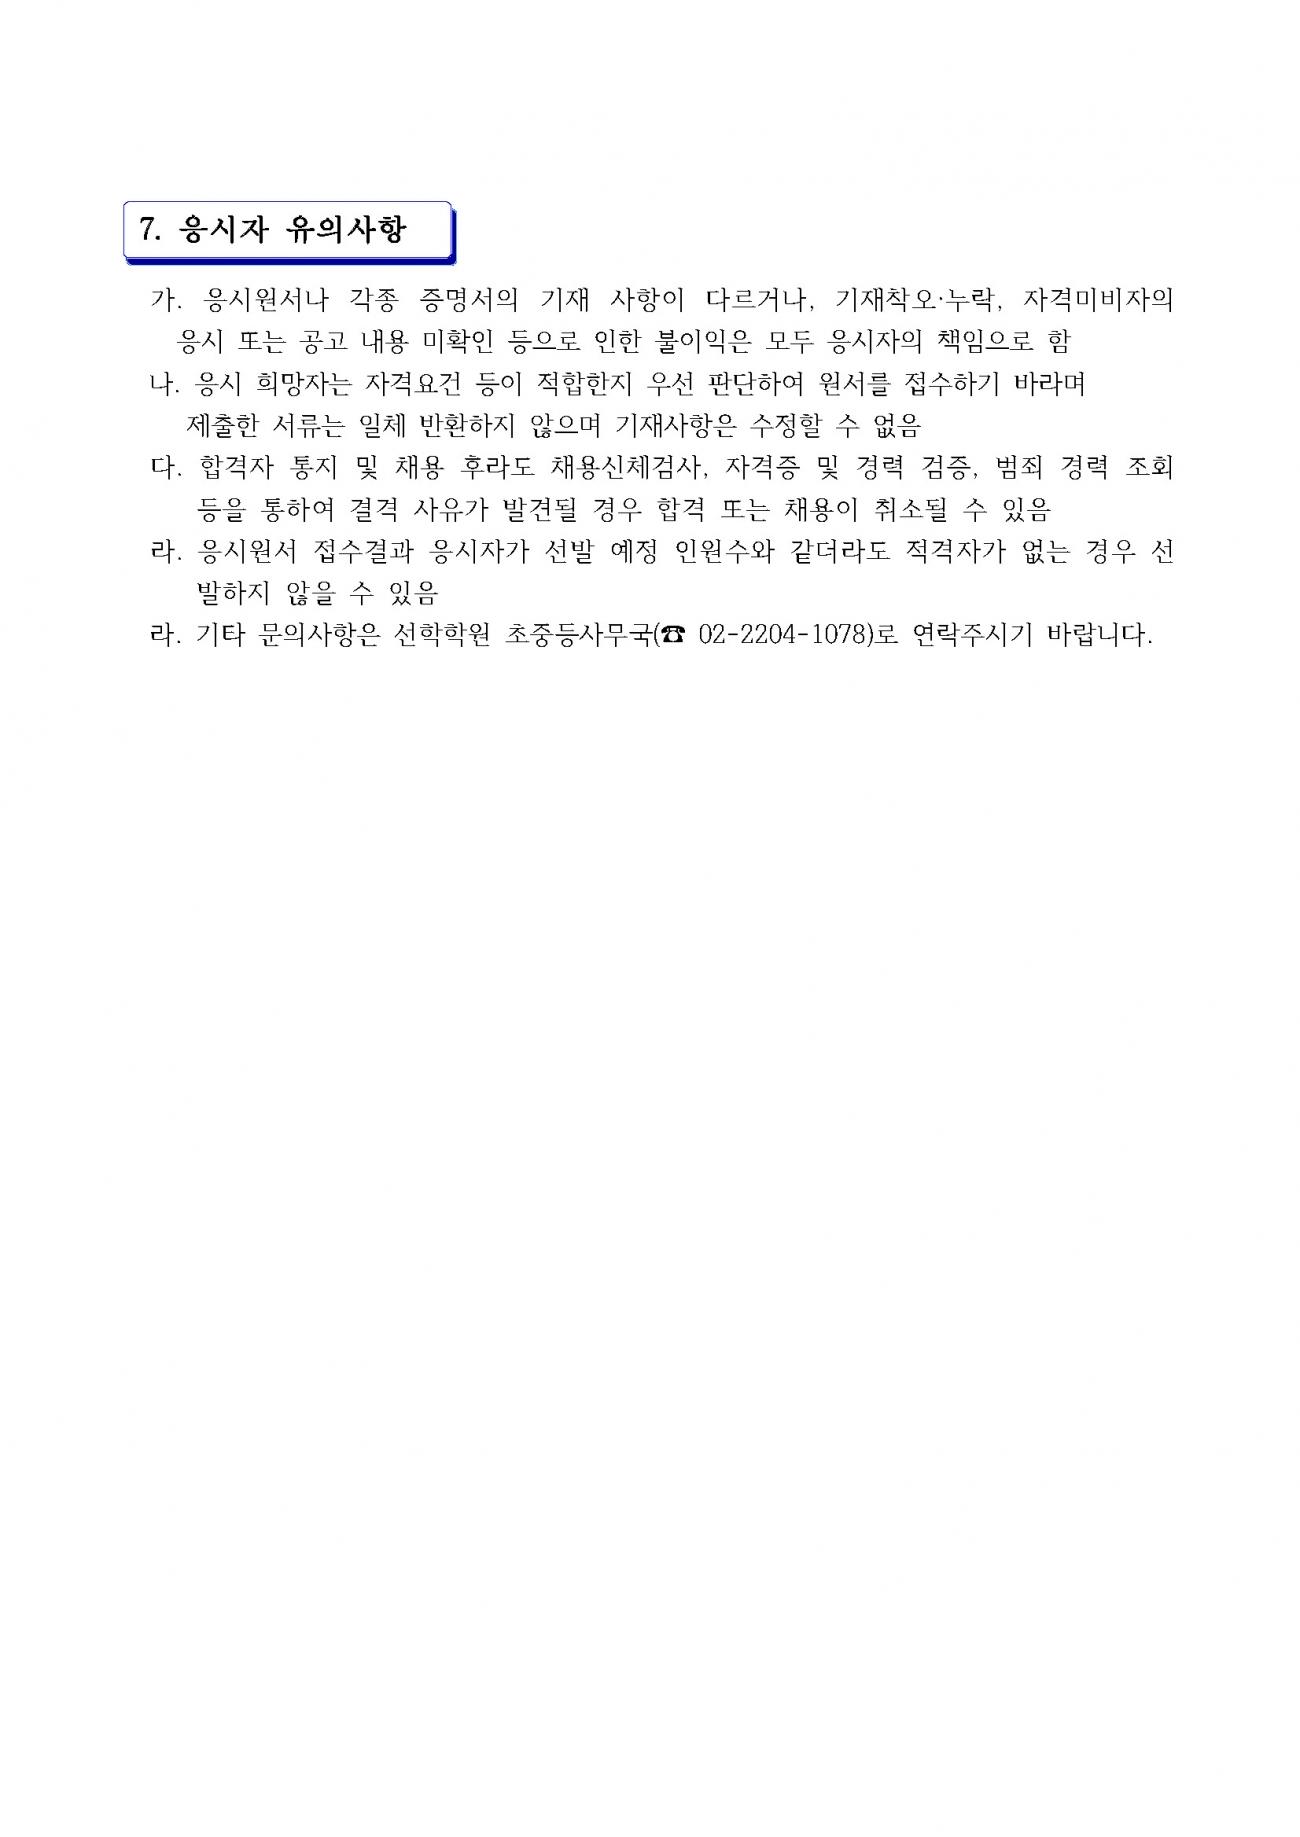 선화예중-일반직원 충원 공고문_페이지_3.jpg